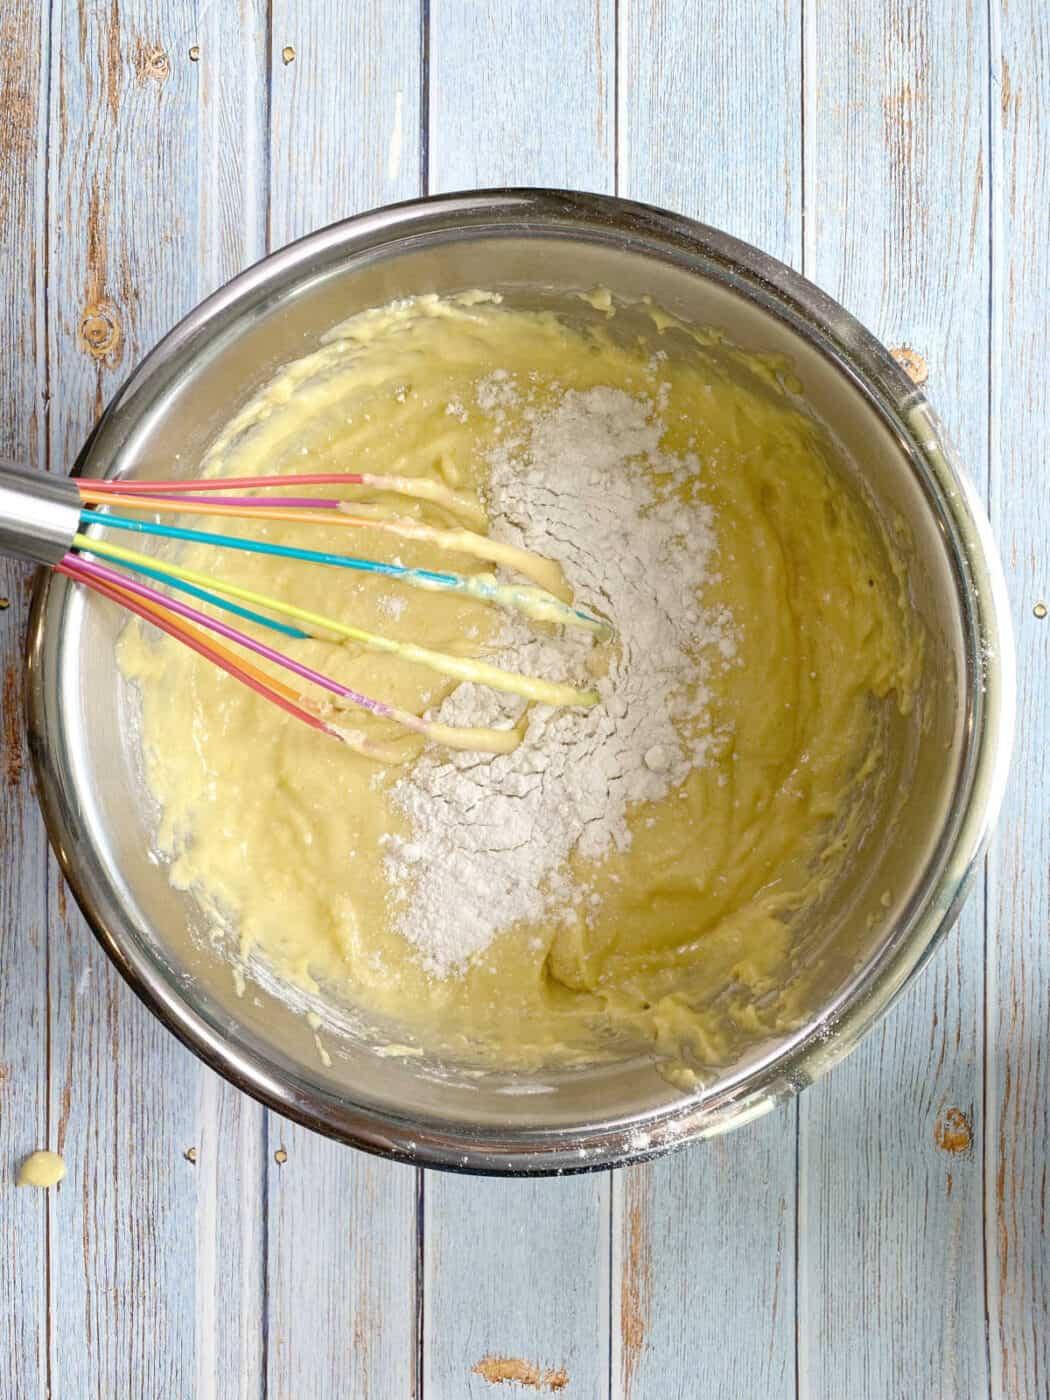 Adding flour and baking powder to the orange mixture